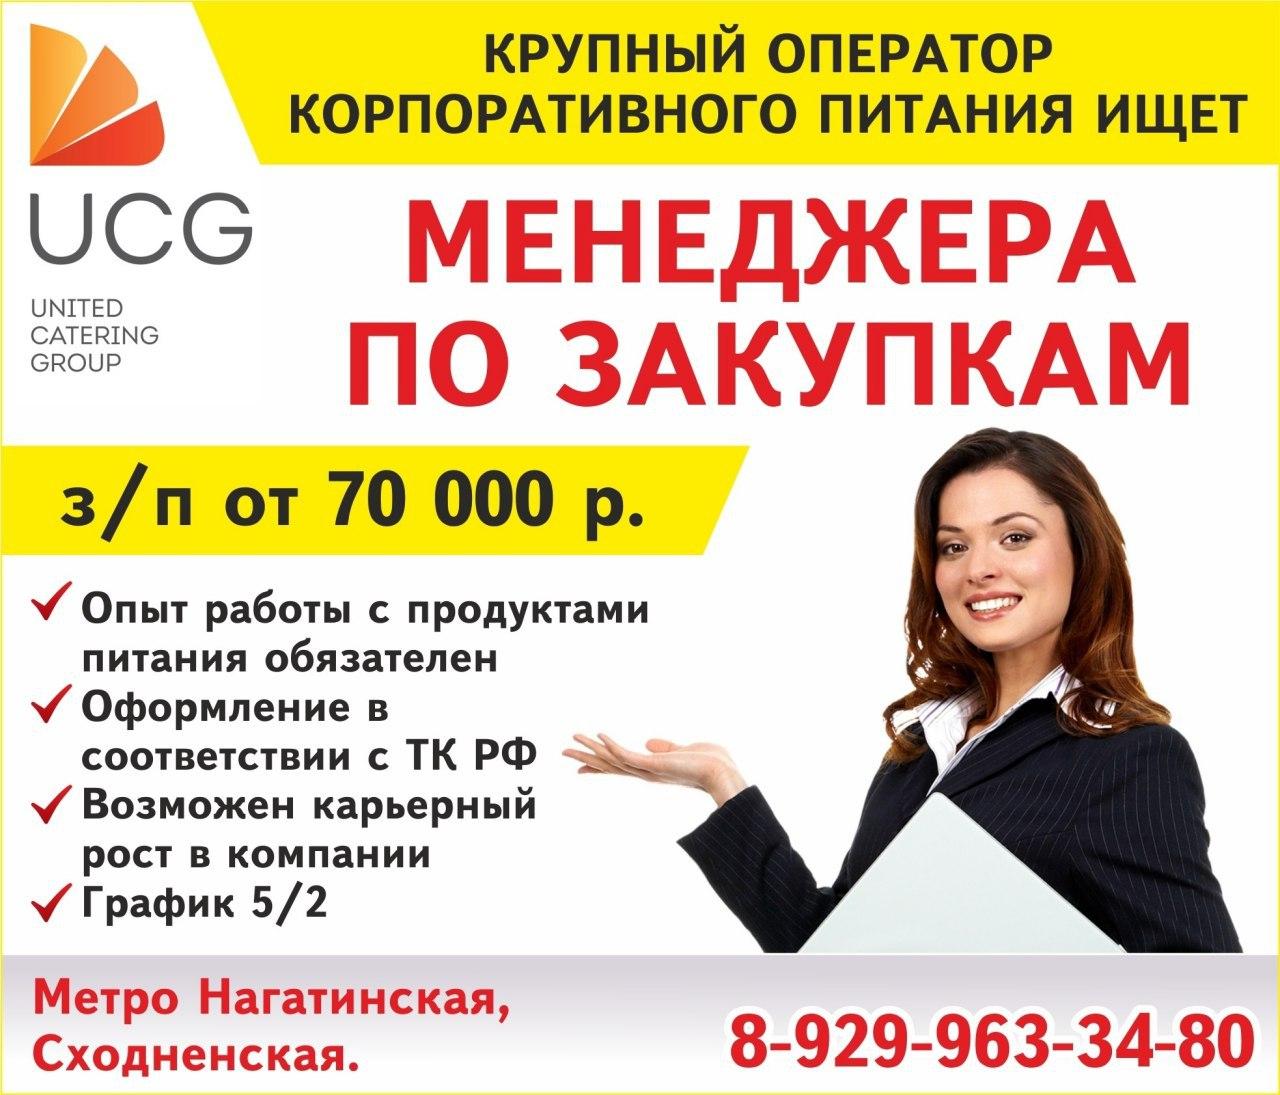 Работа бухгалтером на сходненской вакансии инструкция по охране труда для закройщика